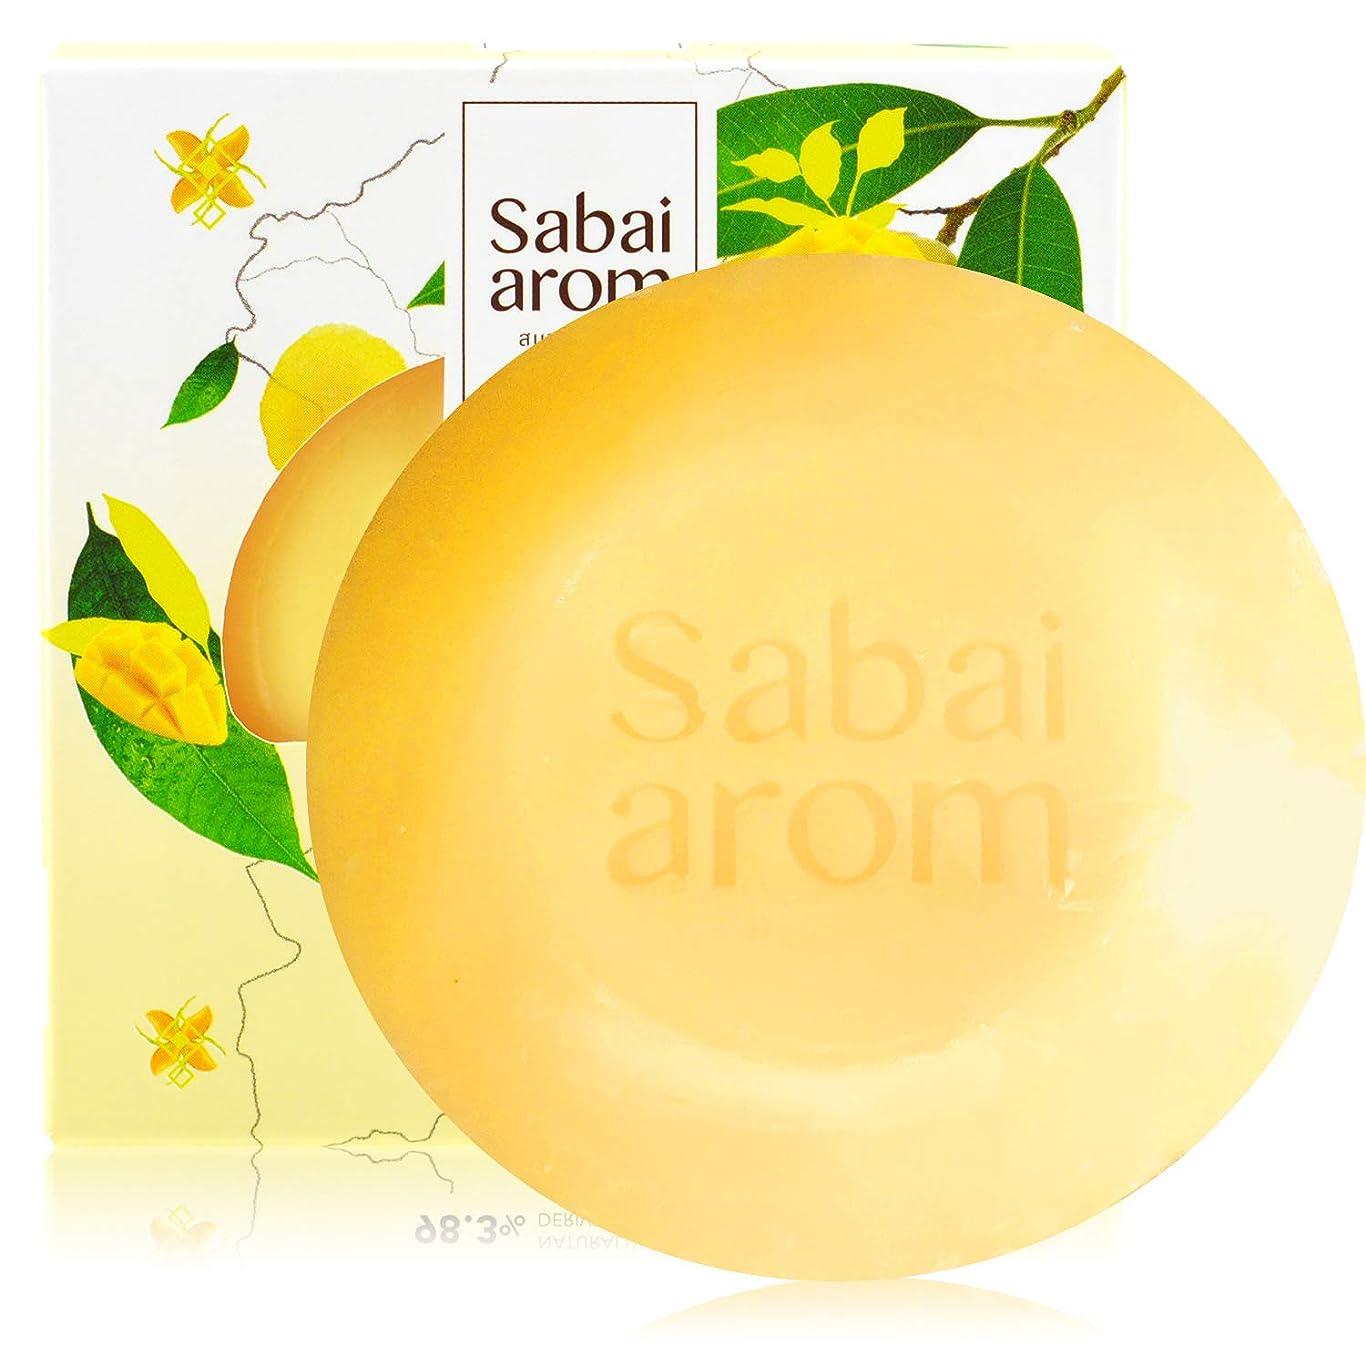 スリッパ賭け動揺させるサバイアロム(Sabai-arom) マンゴー オーチャード フェイス&ボディソープバー (石鹸) 100g【MAN】【001】